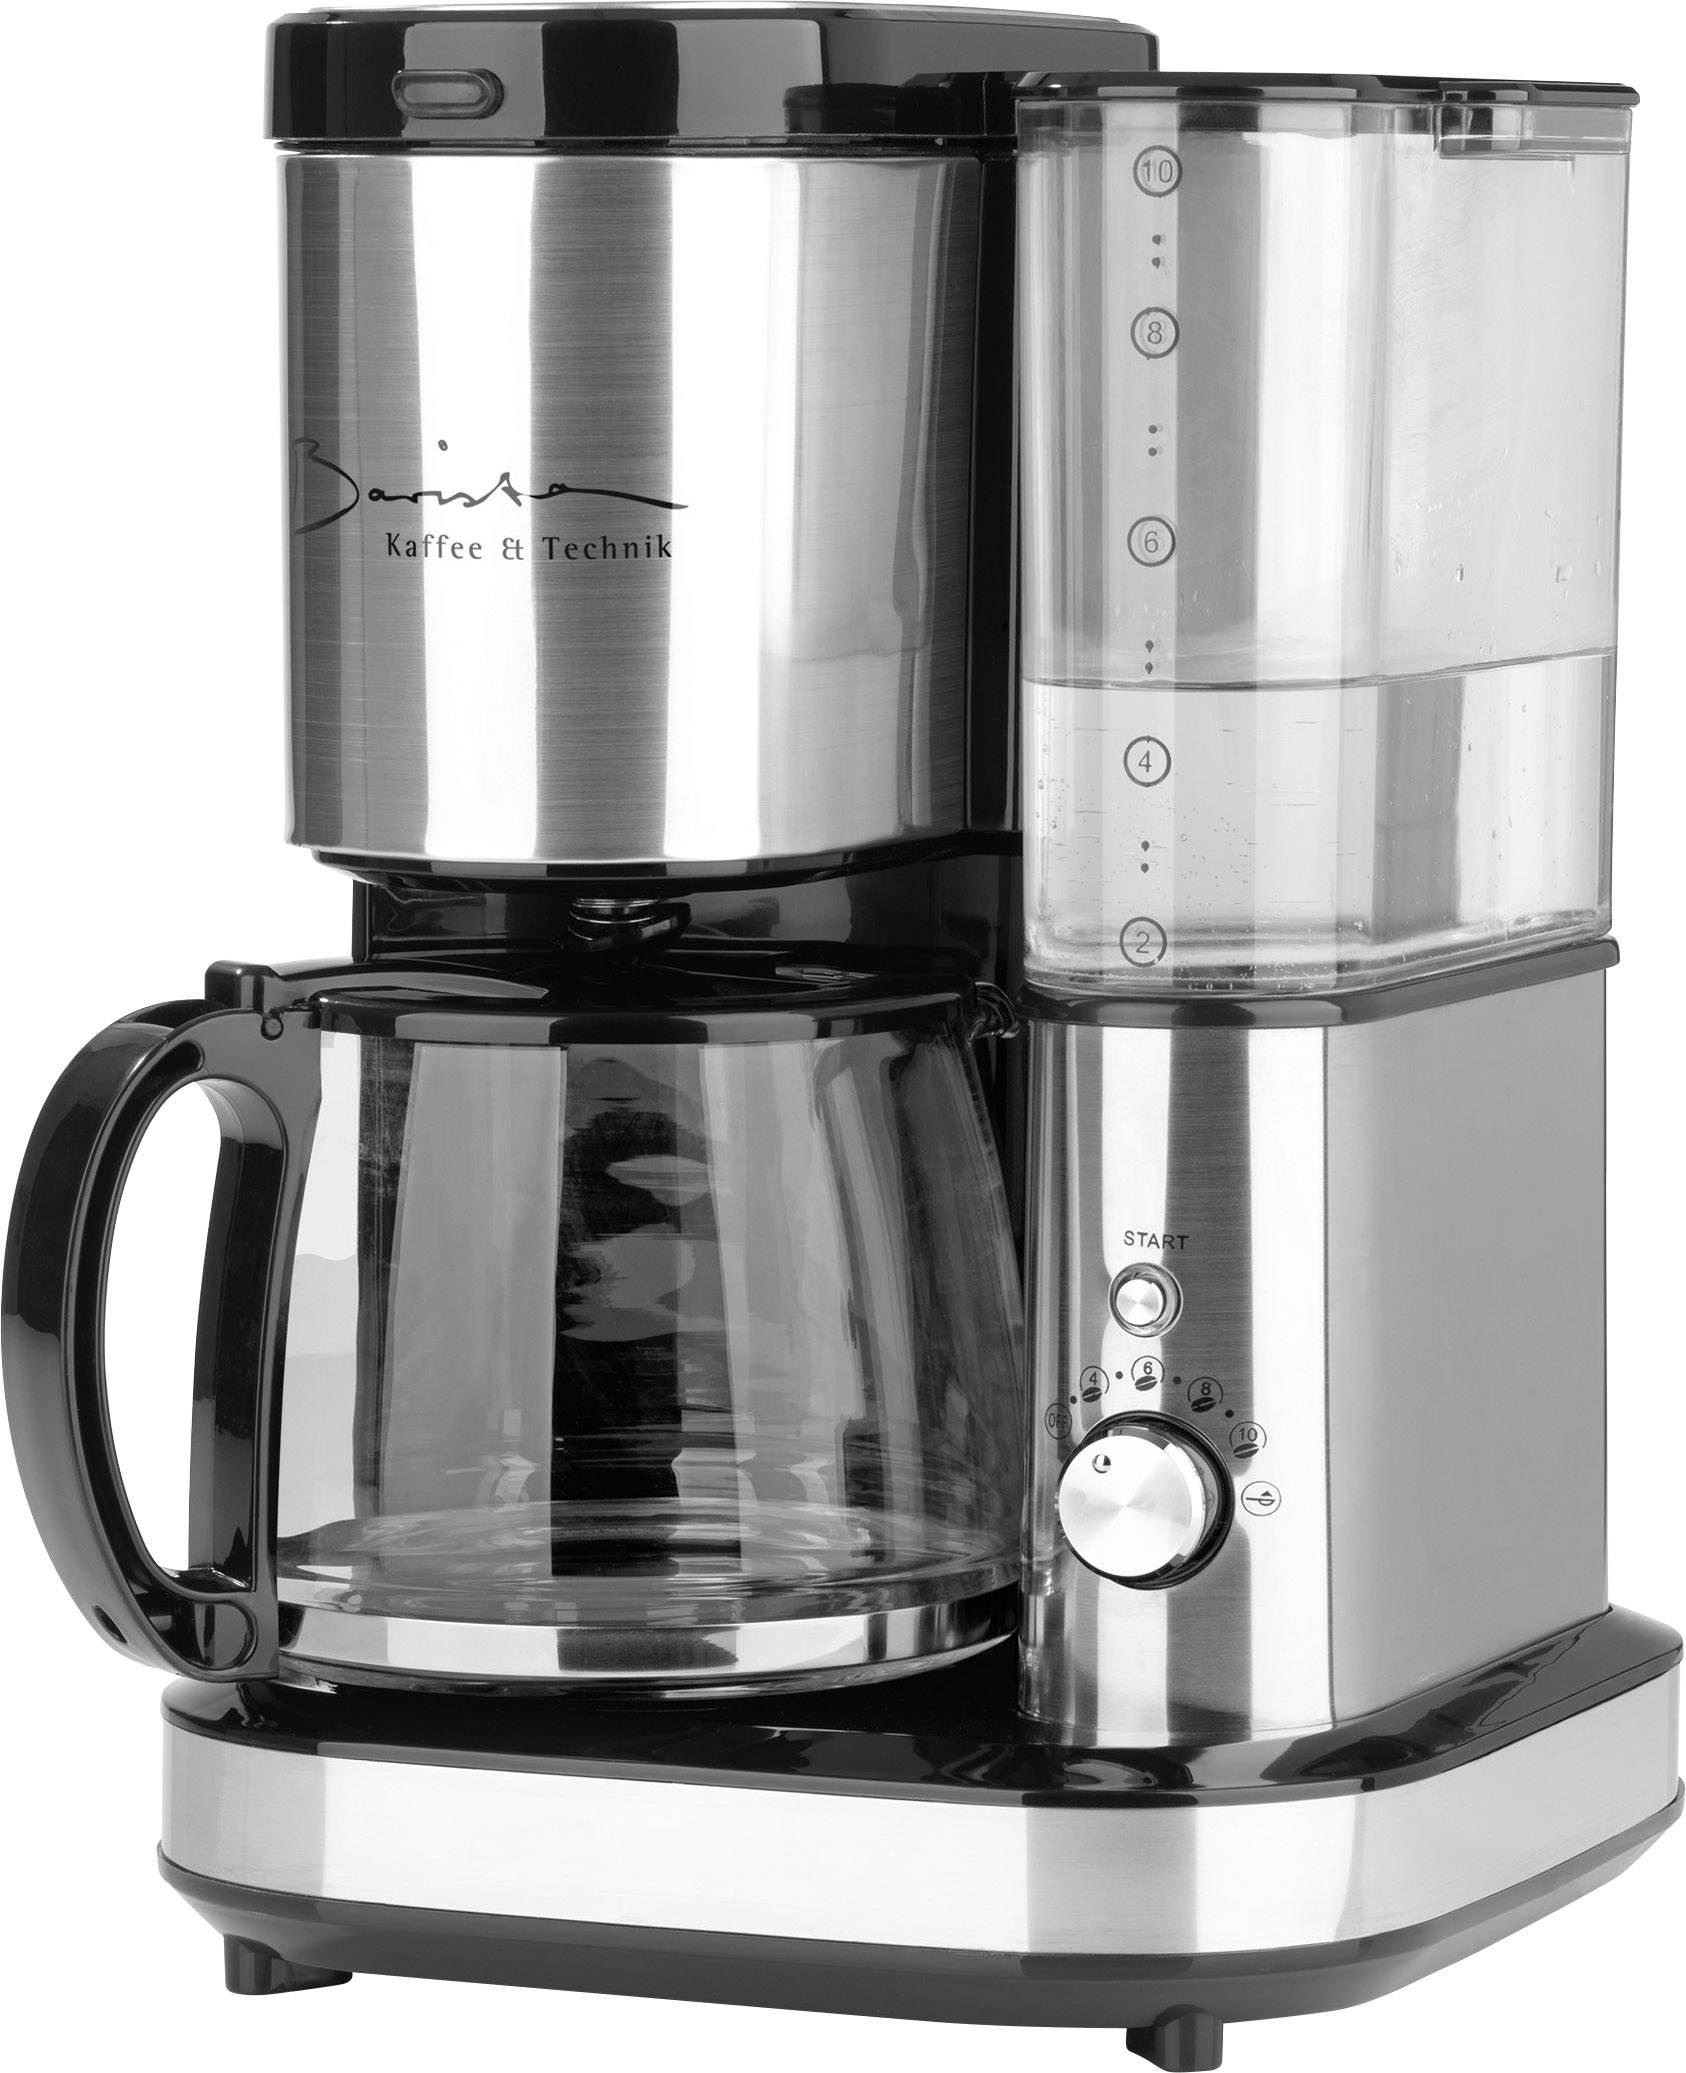 Fassungsvermögen EdelstahlSchwarz Barista Kaffeemaschine 10 Mahlwerk Tassen Gourmetmaxx Mit wkTOPXZilu